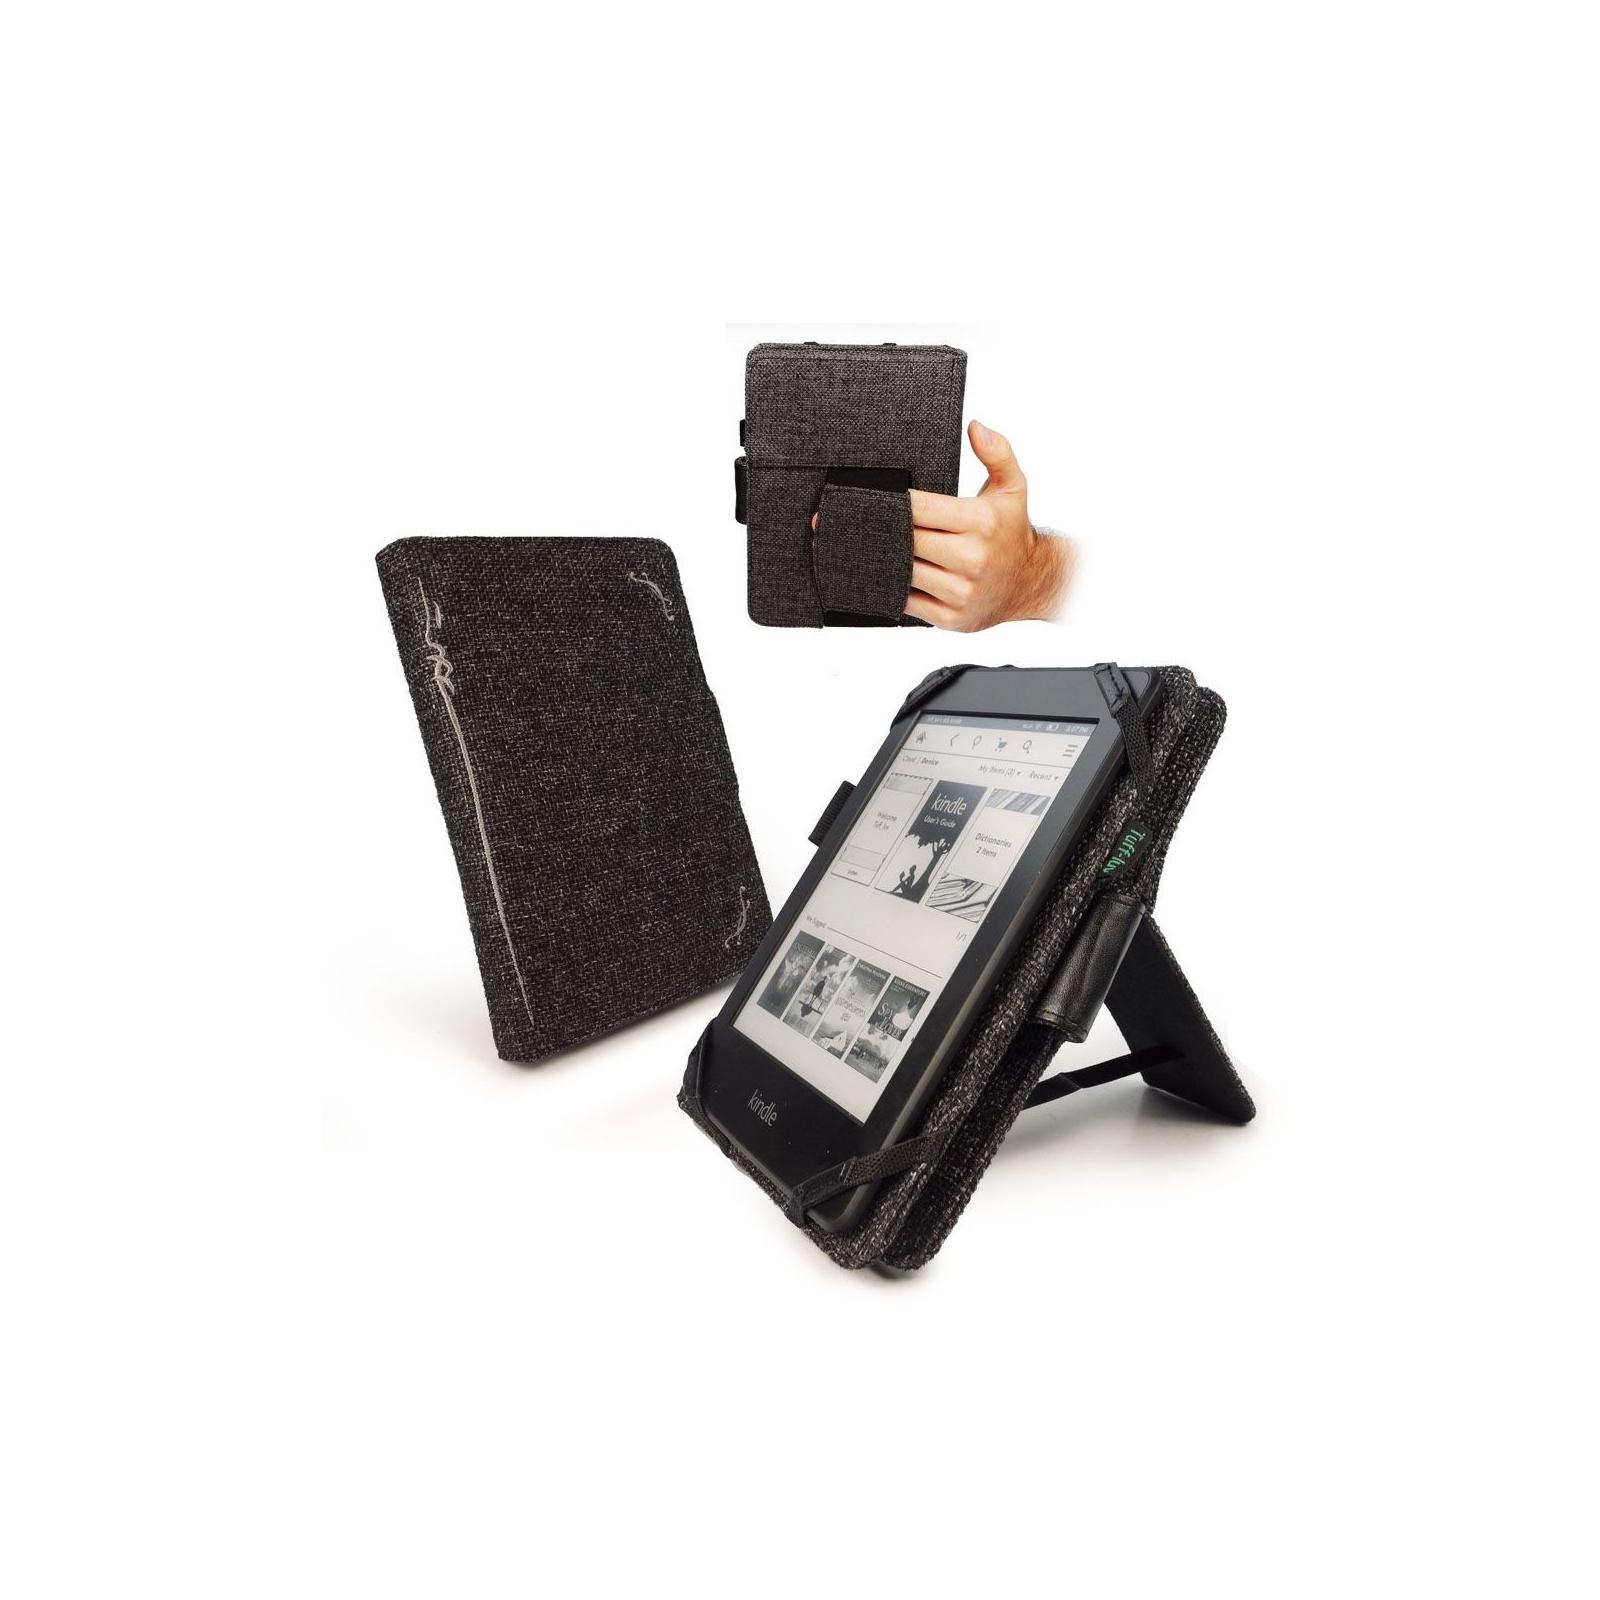 Чехол для электронной книги Tuff-Luv 6 Embrace Plus Hemp Charcoal Black (I3_16) изображение 4